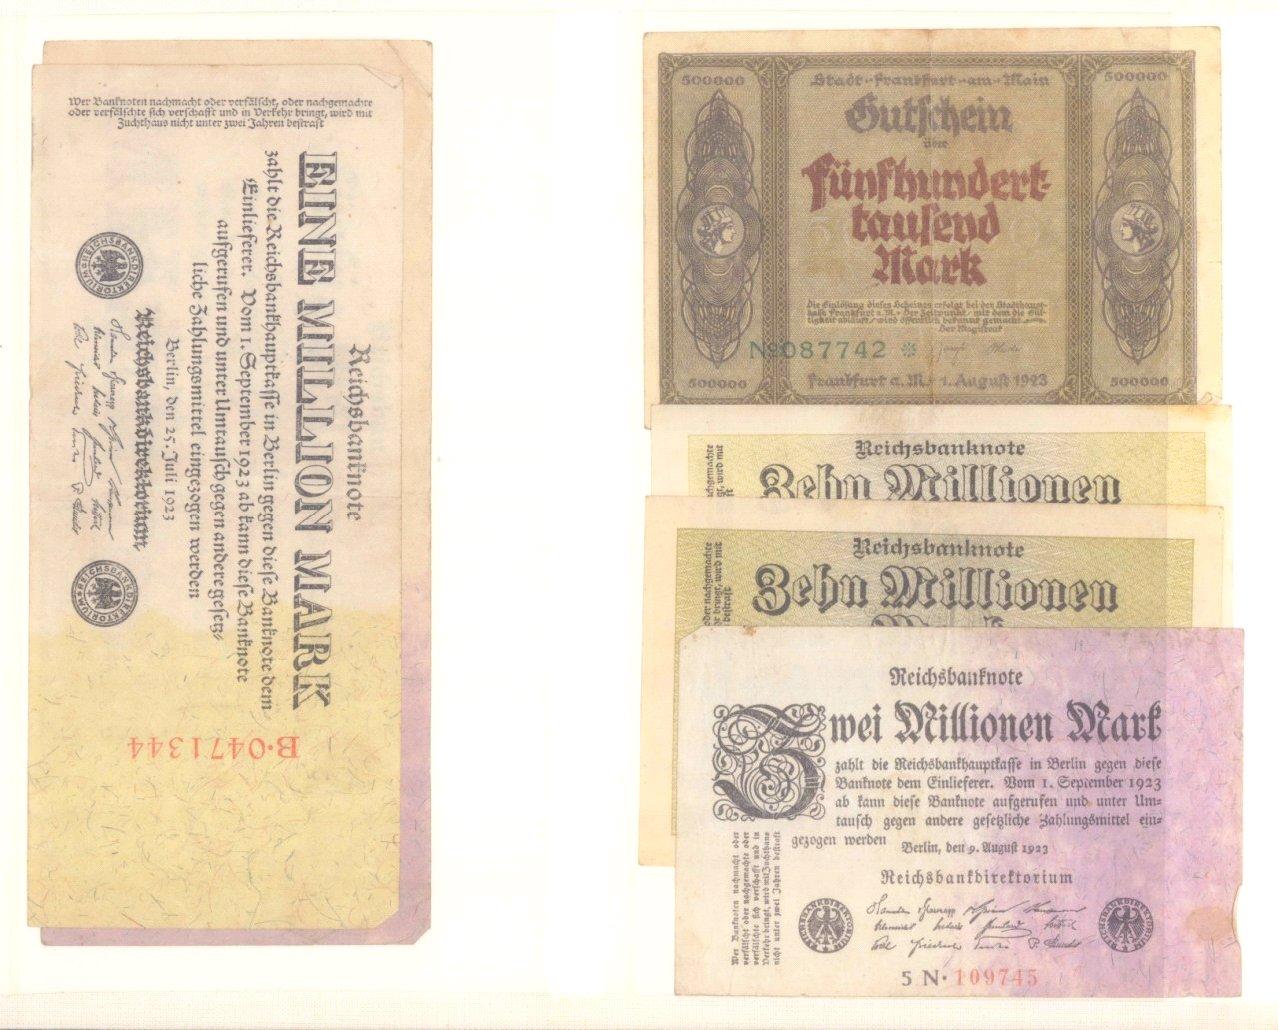 Banknoten, Notgeld, Belege-1